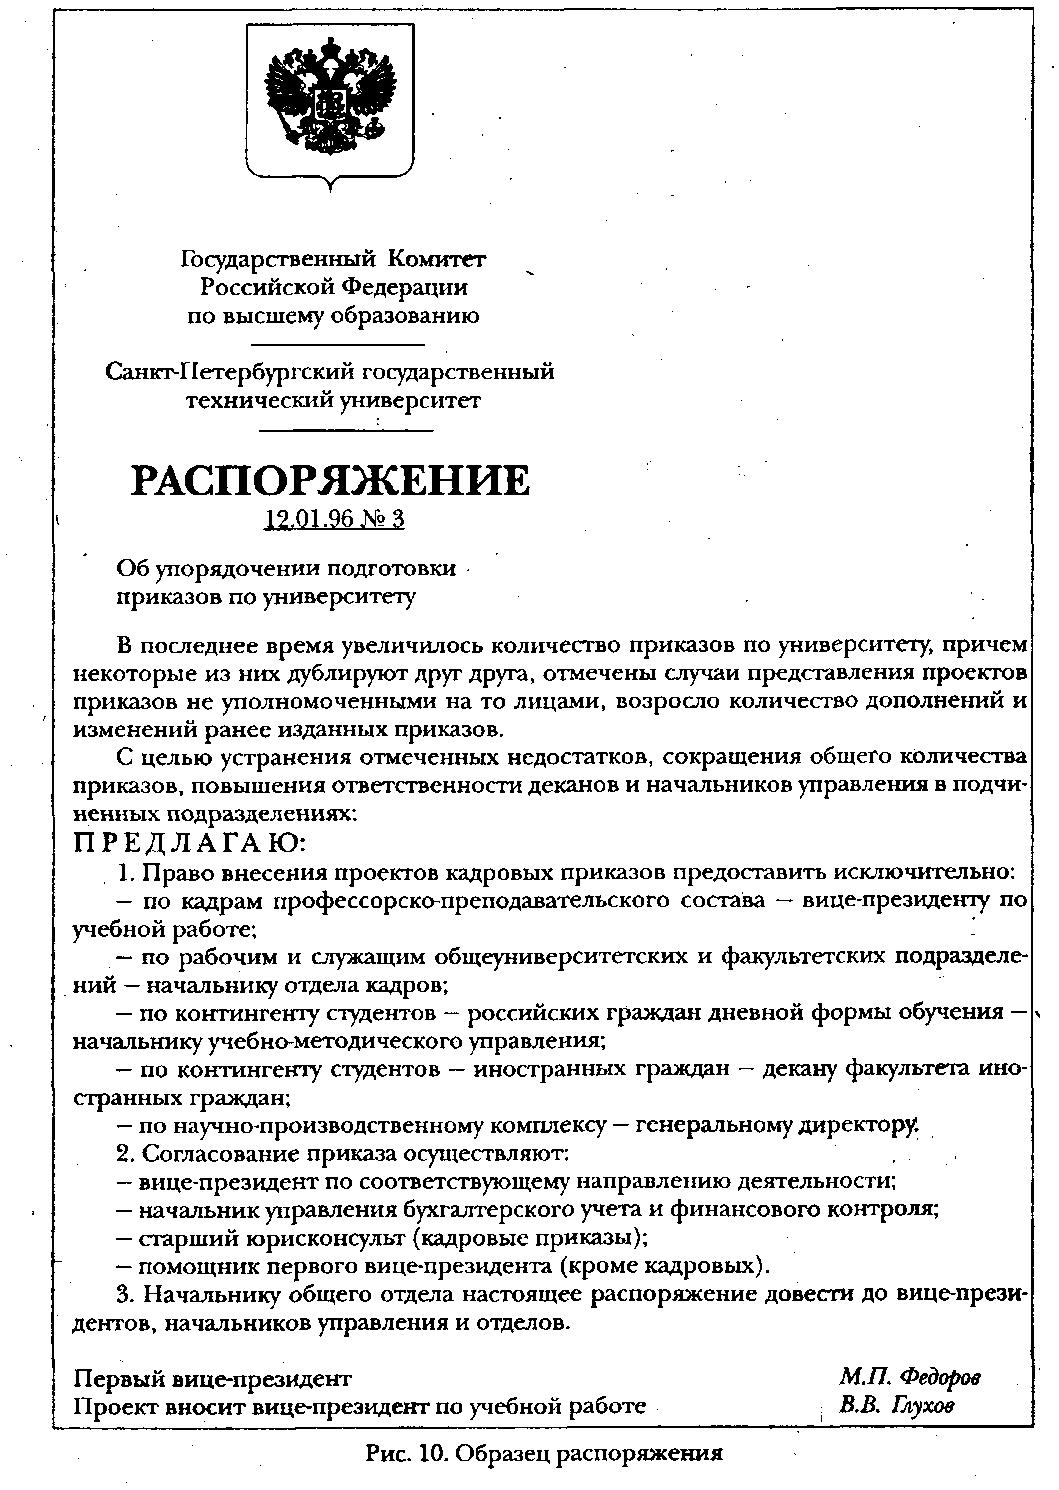 дополнительное соглашение к трудовому договору о в ключении должностной инструкции